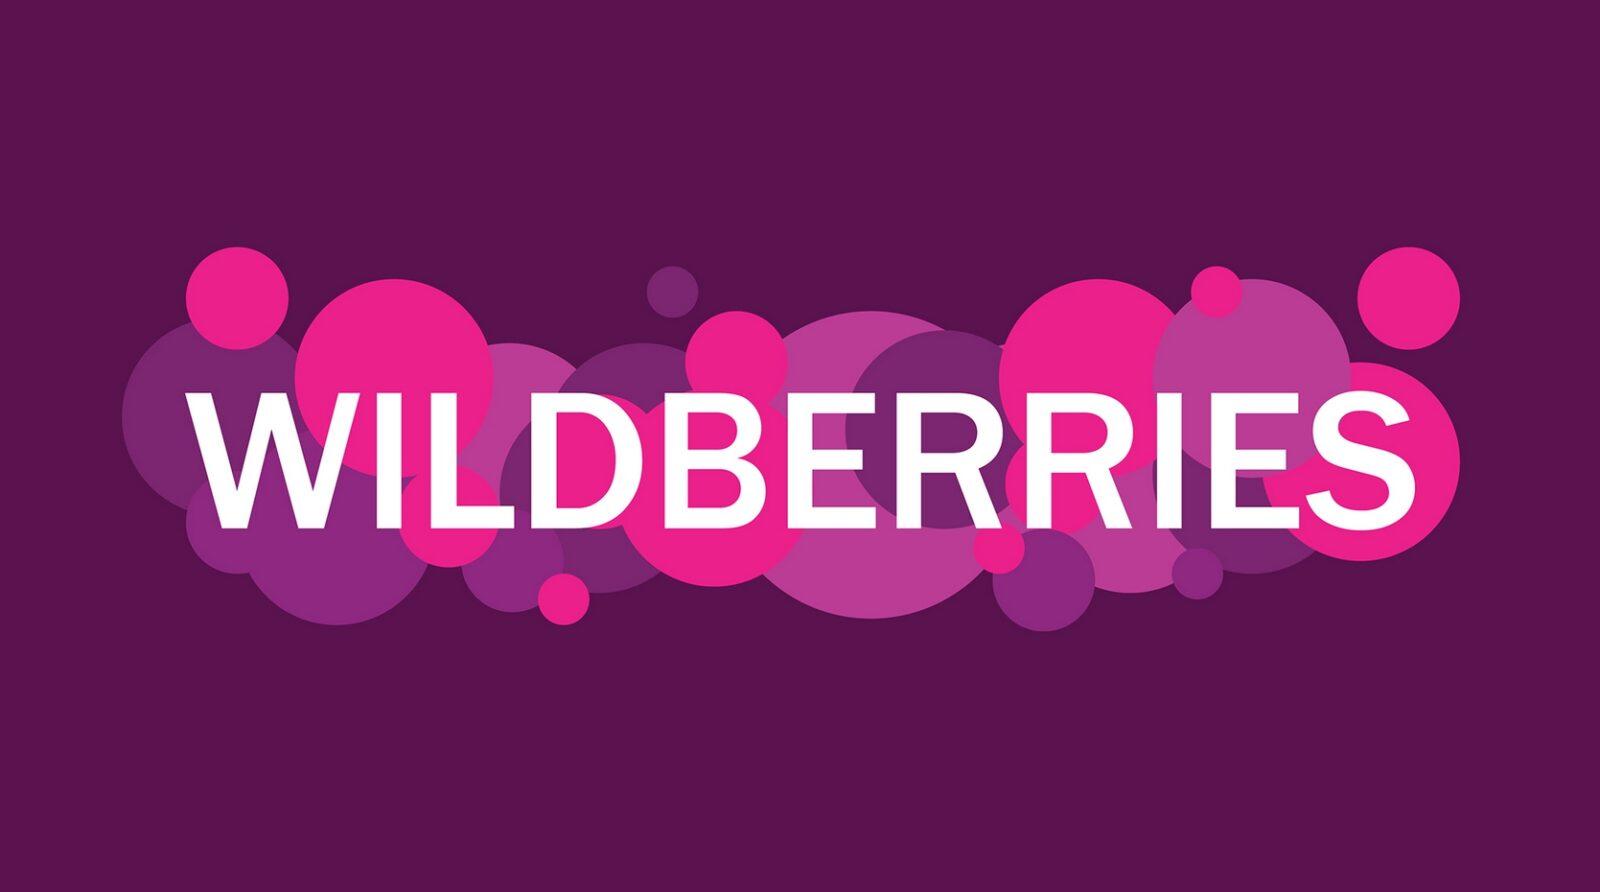 Конфликт поставщиков с Wildberries породил скидку в 25%